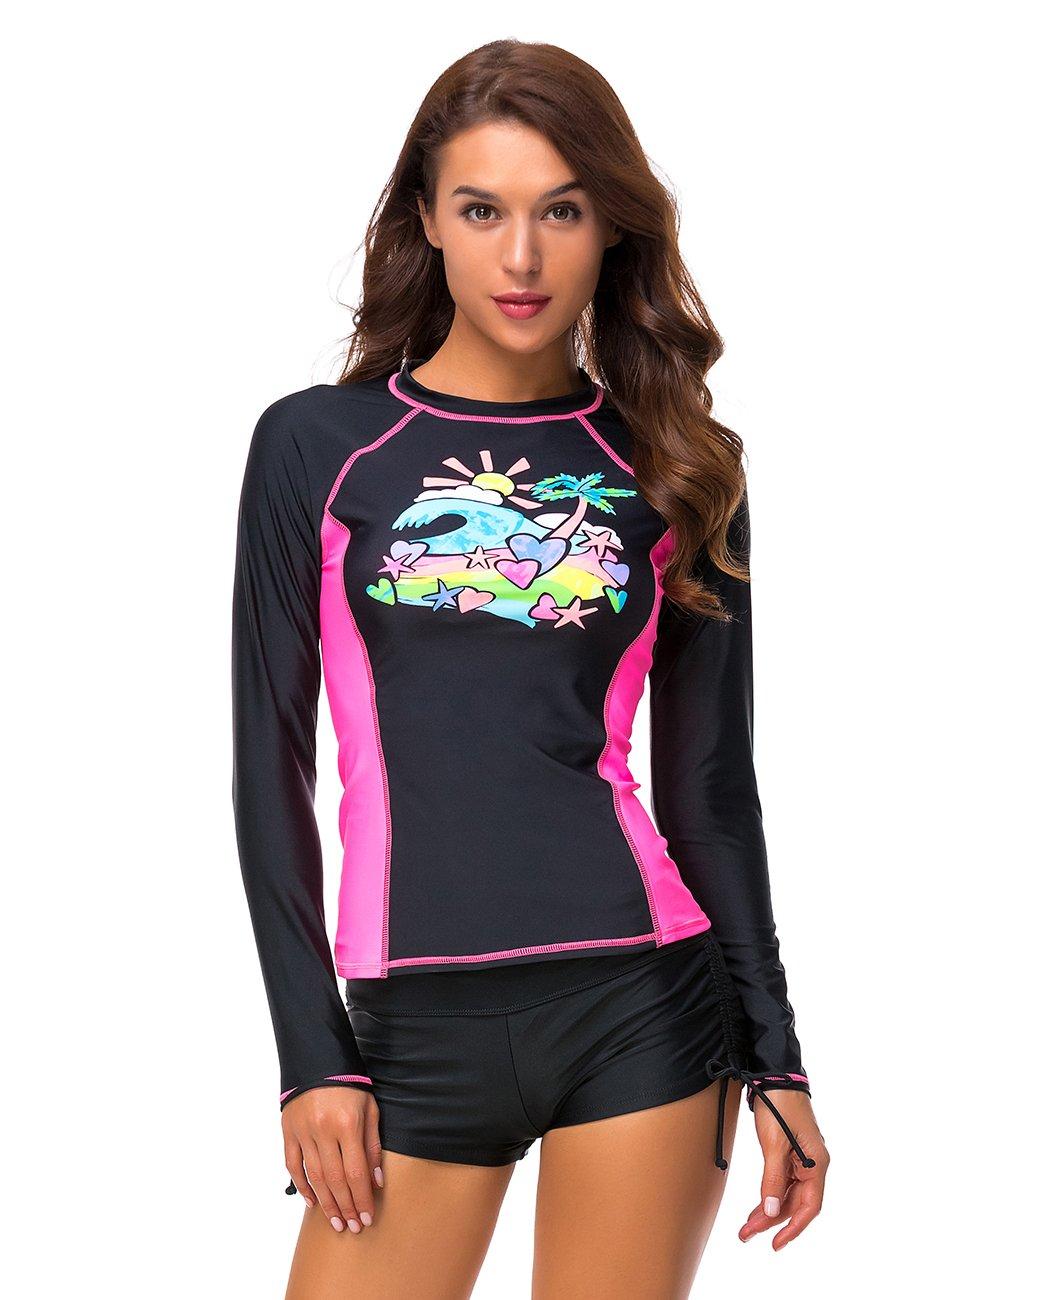 iDrawl Damen Rash Guard UV Schutz Langarm Schwimmshirt UPF 50+ Badeshirts